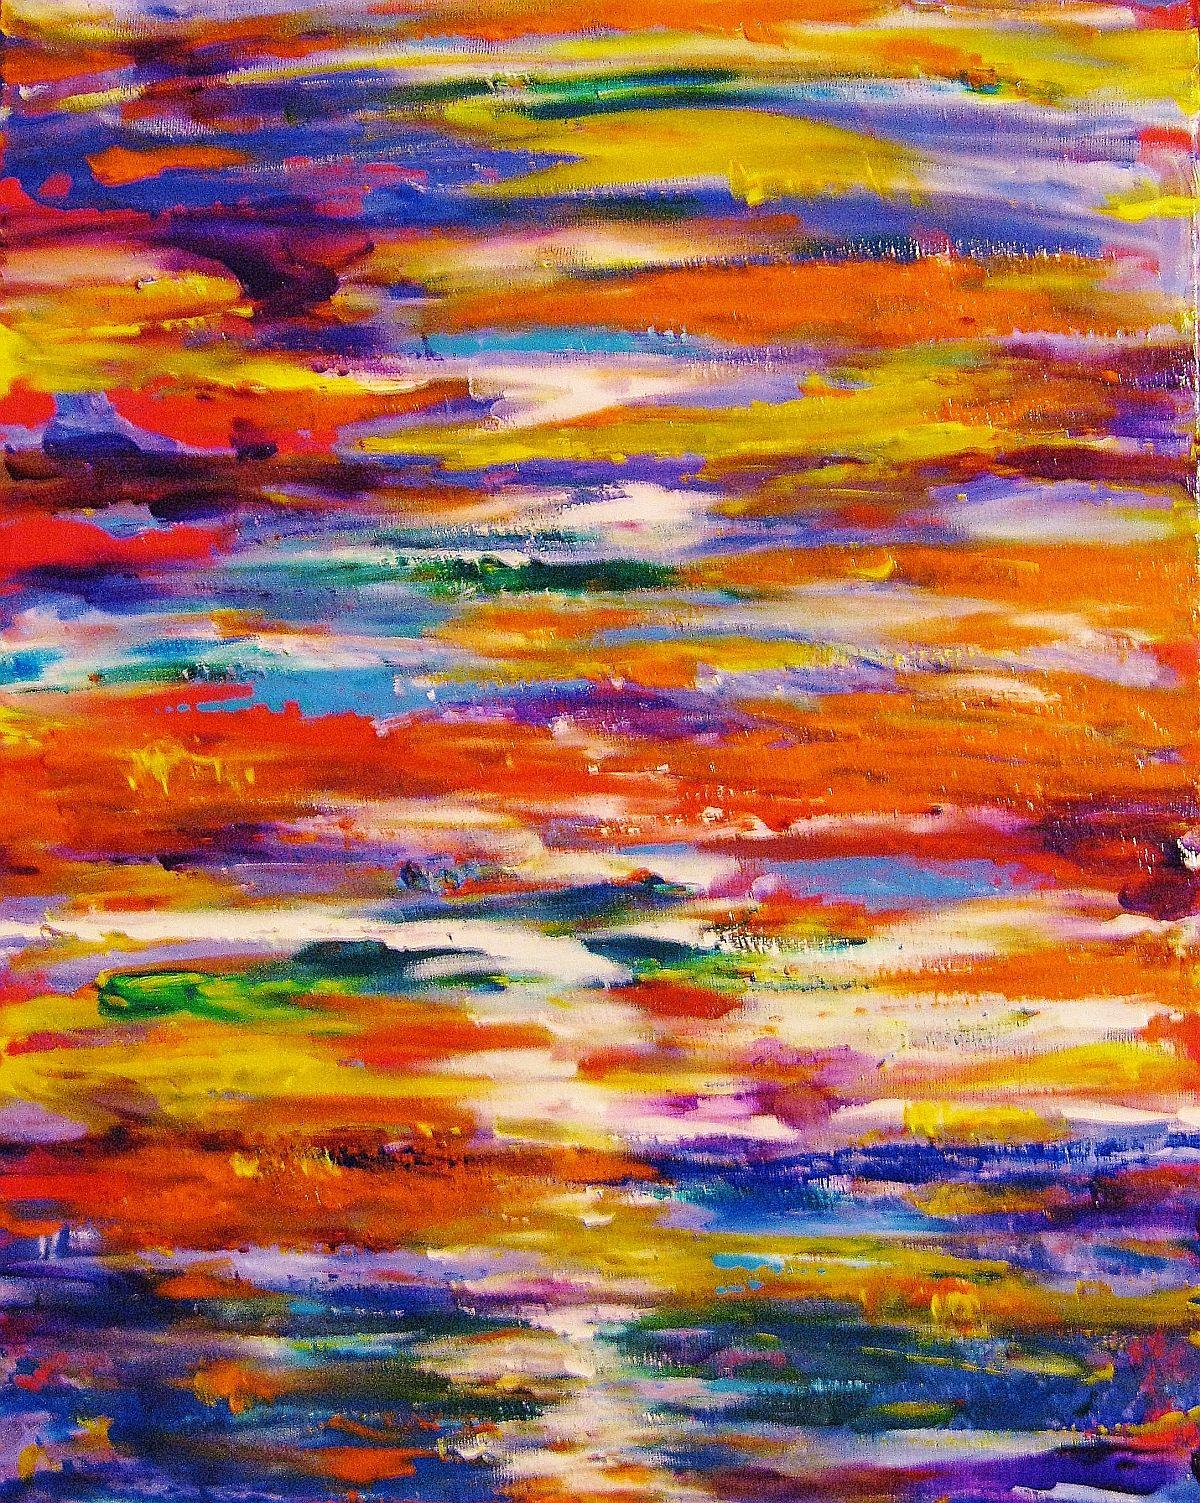 Colorscape 21